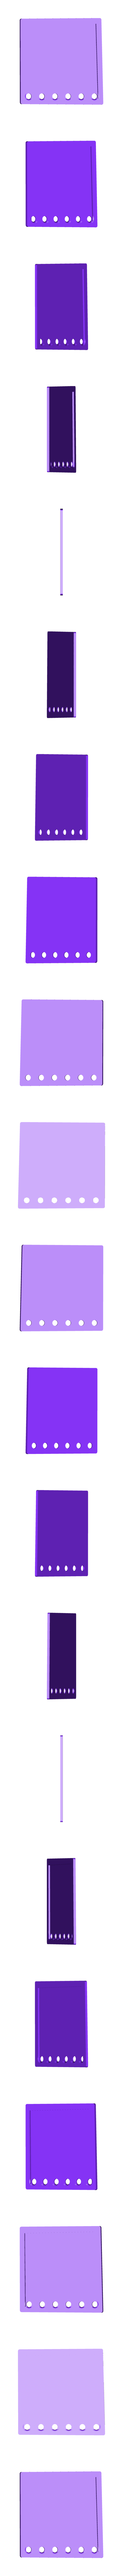 HandyNotebookBack.stl Télécharger fichier STL gratuit Handy Dandy Notebook • Design pour imprimante 3D, stensethjeremy